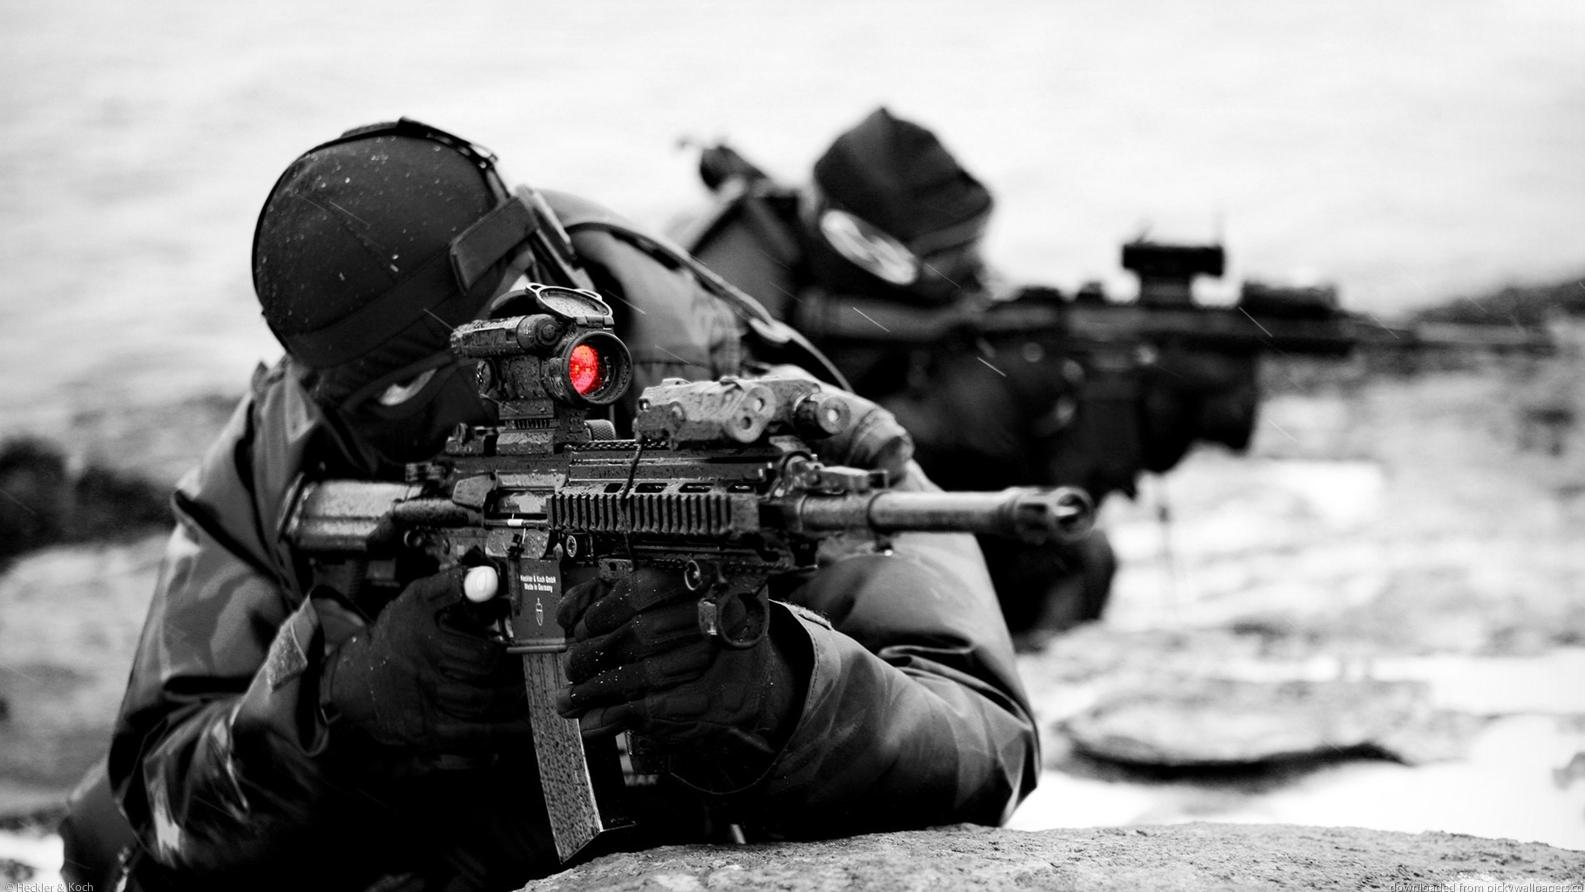 Heckler & Koch HK416 là thứ vũ khí quân sự cải tiến từ M4 nổi tiếng